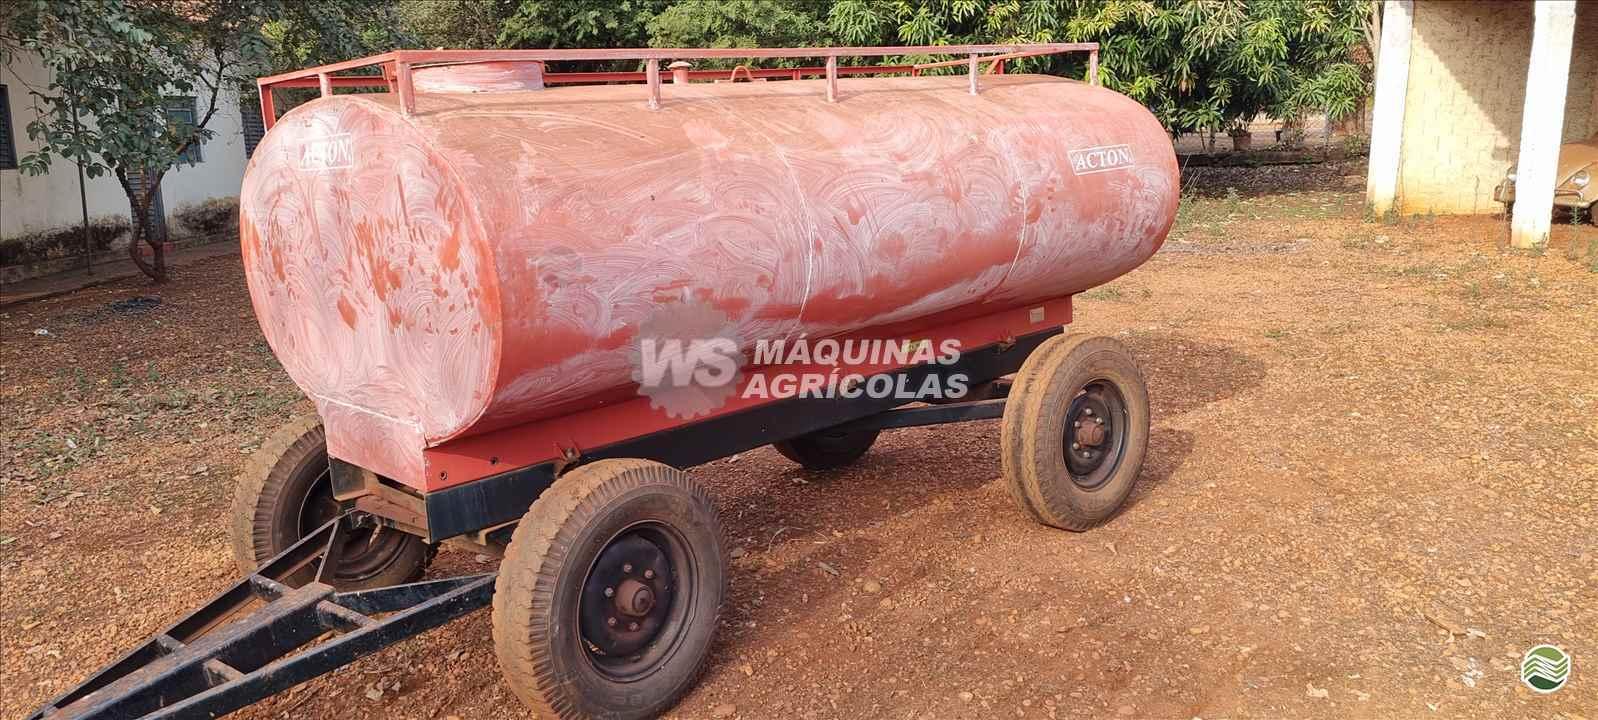 IMPLEMENTOS AGRICOLAS CARRETA TANQUE TANQUE 3500 LITROS WS Máquinas Agrícolas SERTAOZINHO SÃO PAULO SP